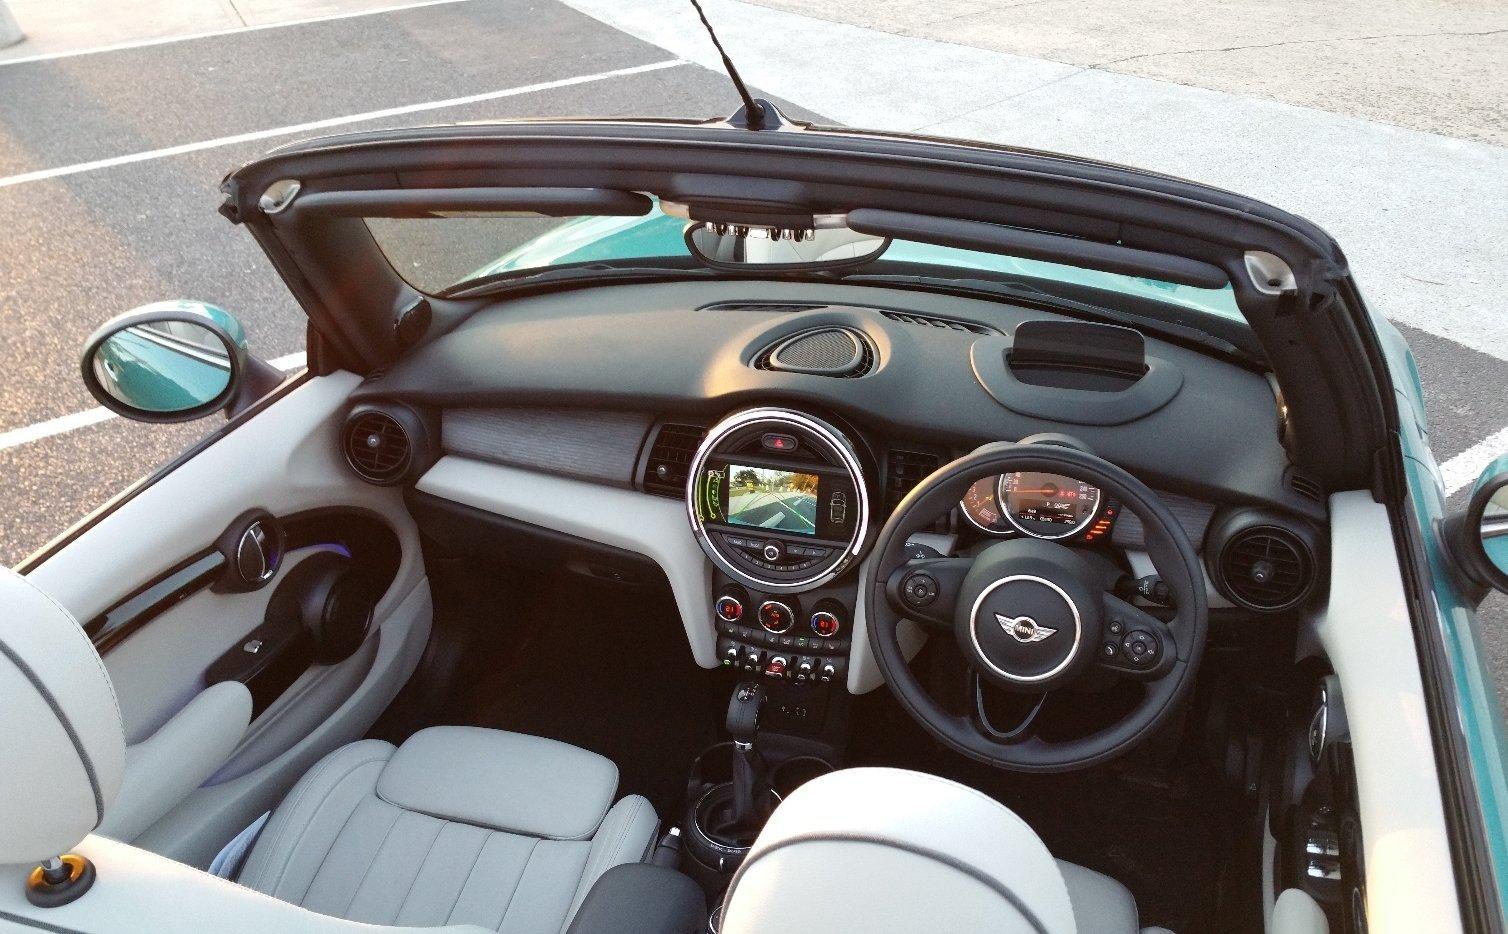 Auto Review: 2016 MINI Cooper Convertible